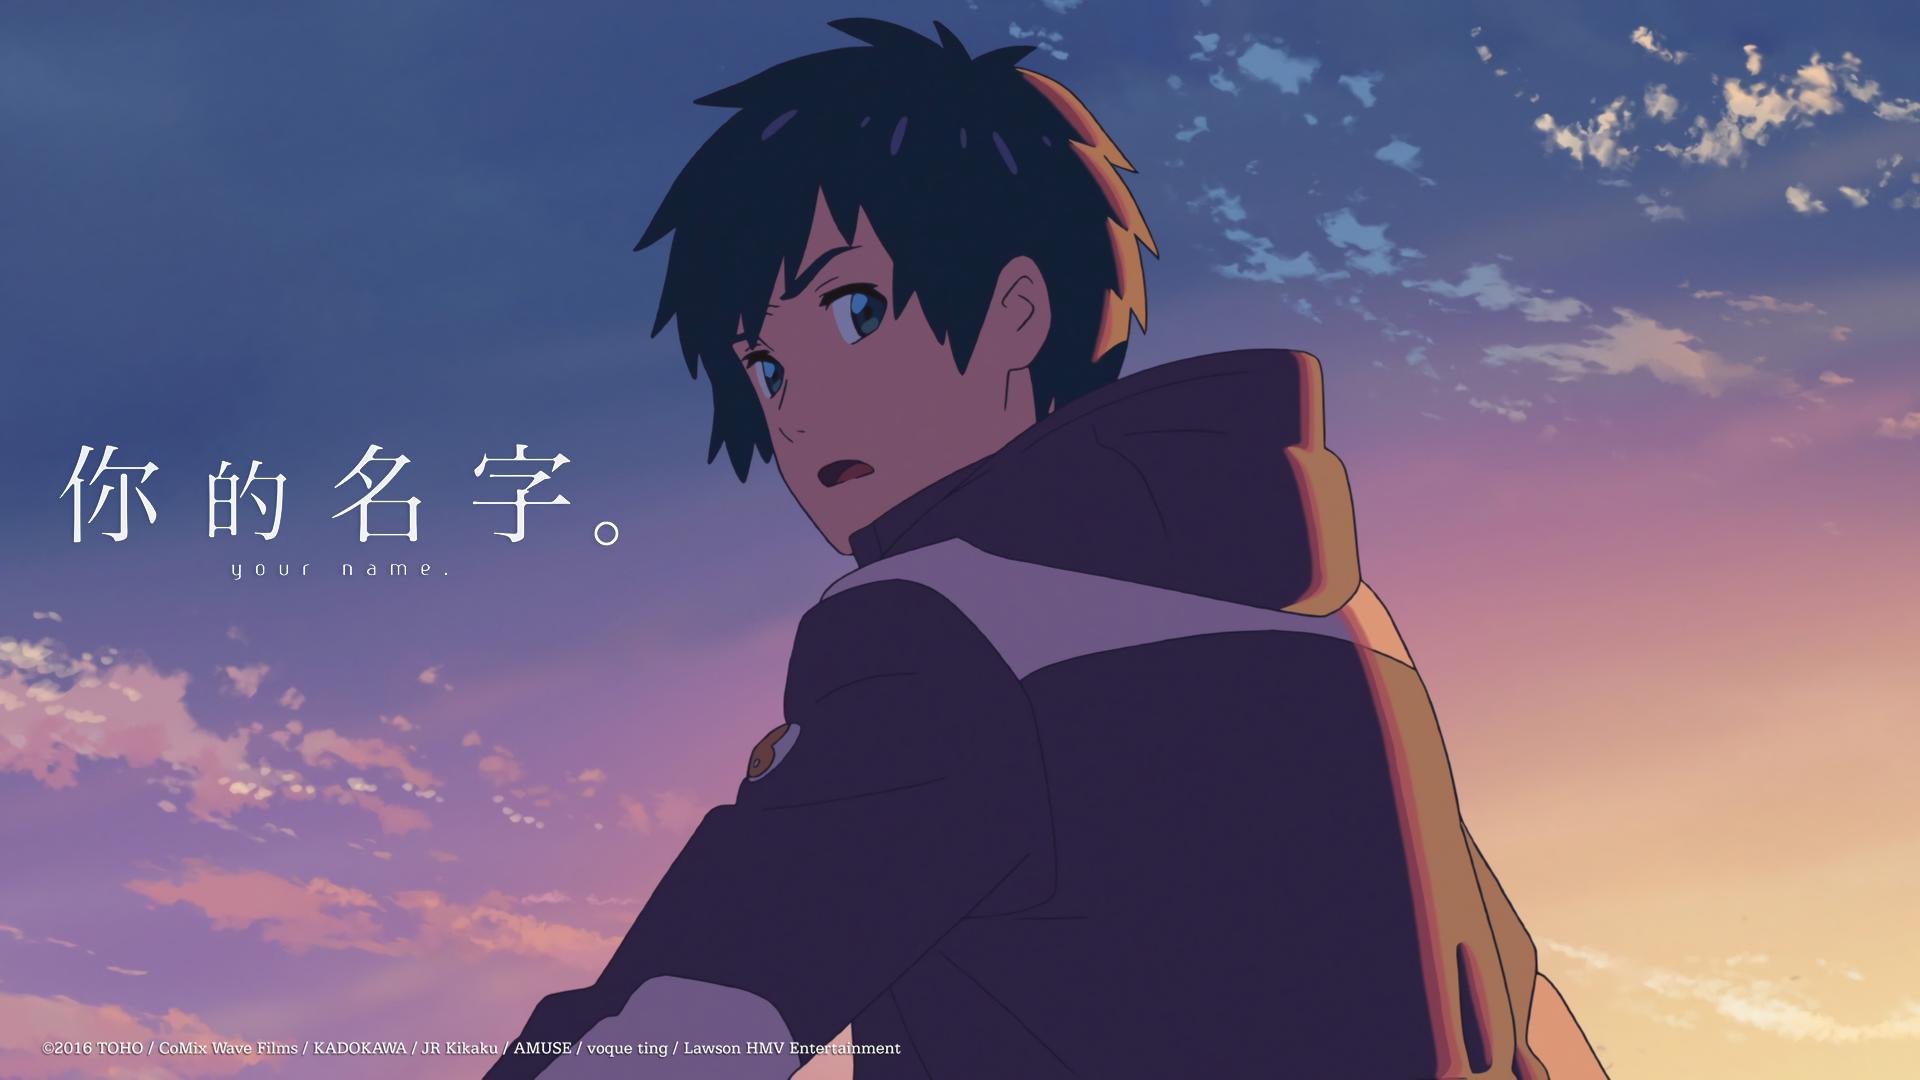 Anime-Your-Name-Taki-Tachibana-Kimi-No-Na-Wa-Fondo-de-Pantalla-wallpaper-wp3602595